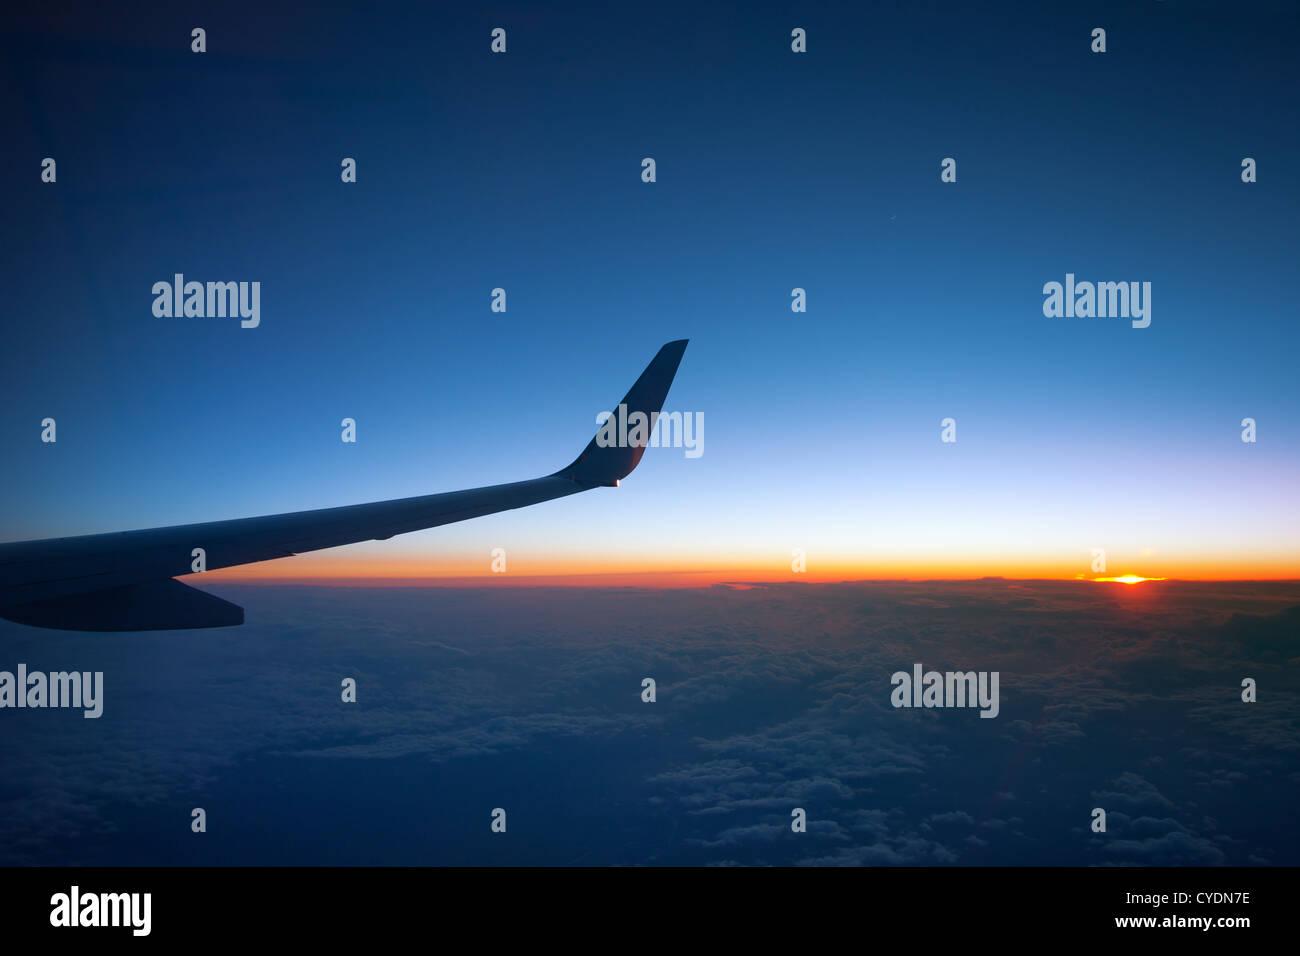 Sopra le nuvole - tramonto con ala di aeroplano Immagini Stock